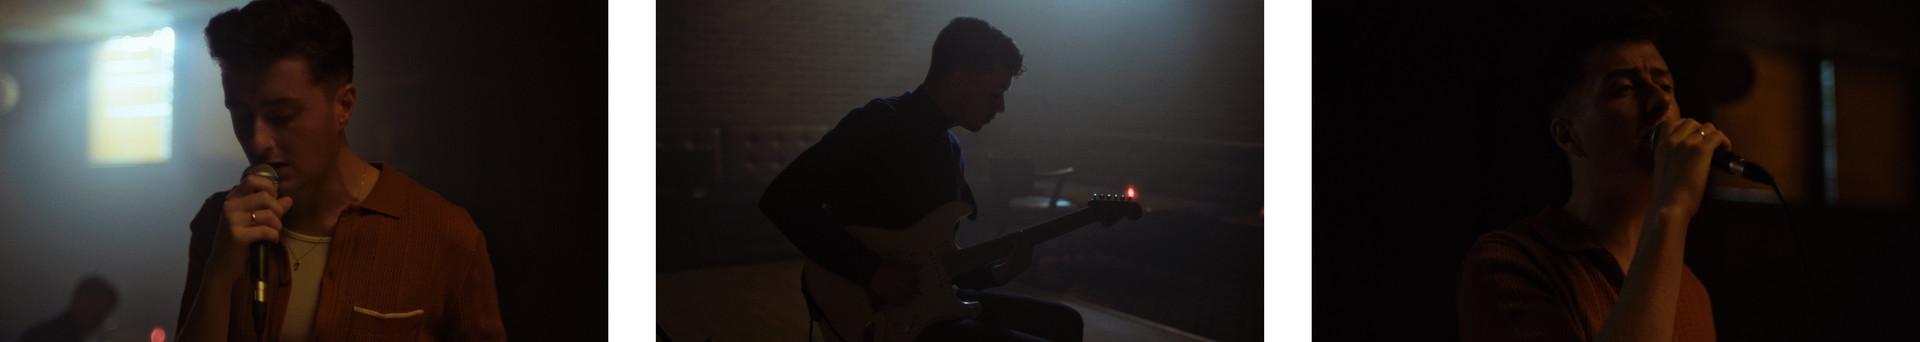 Joesef - Does it Make You Feel Good (Stripped Back)